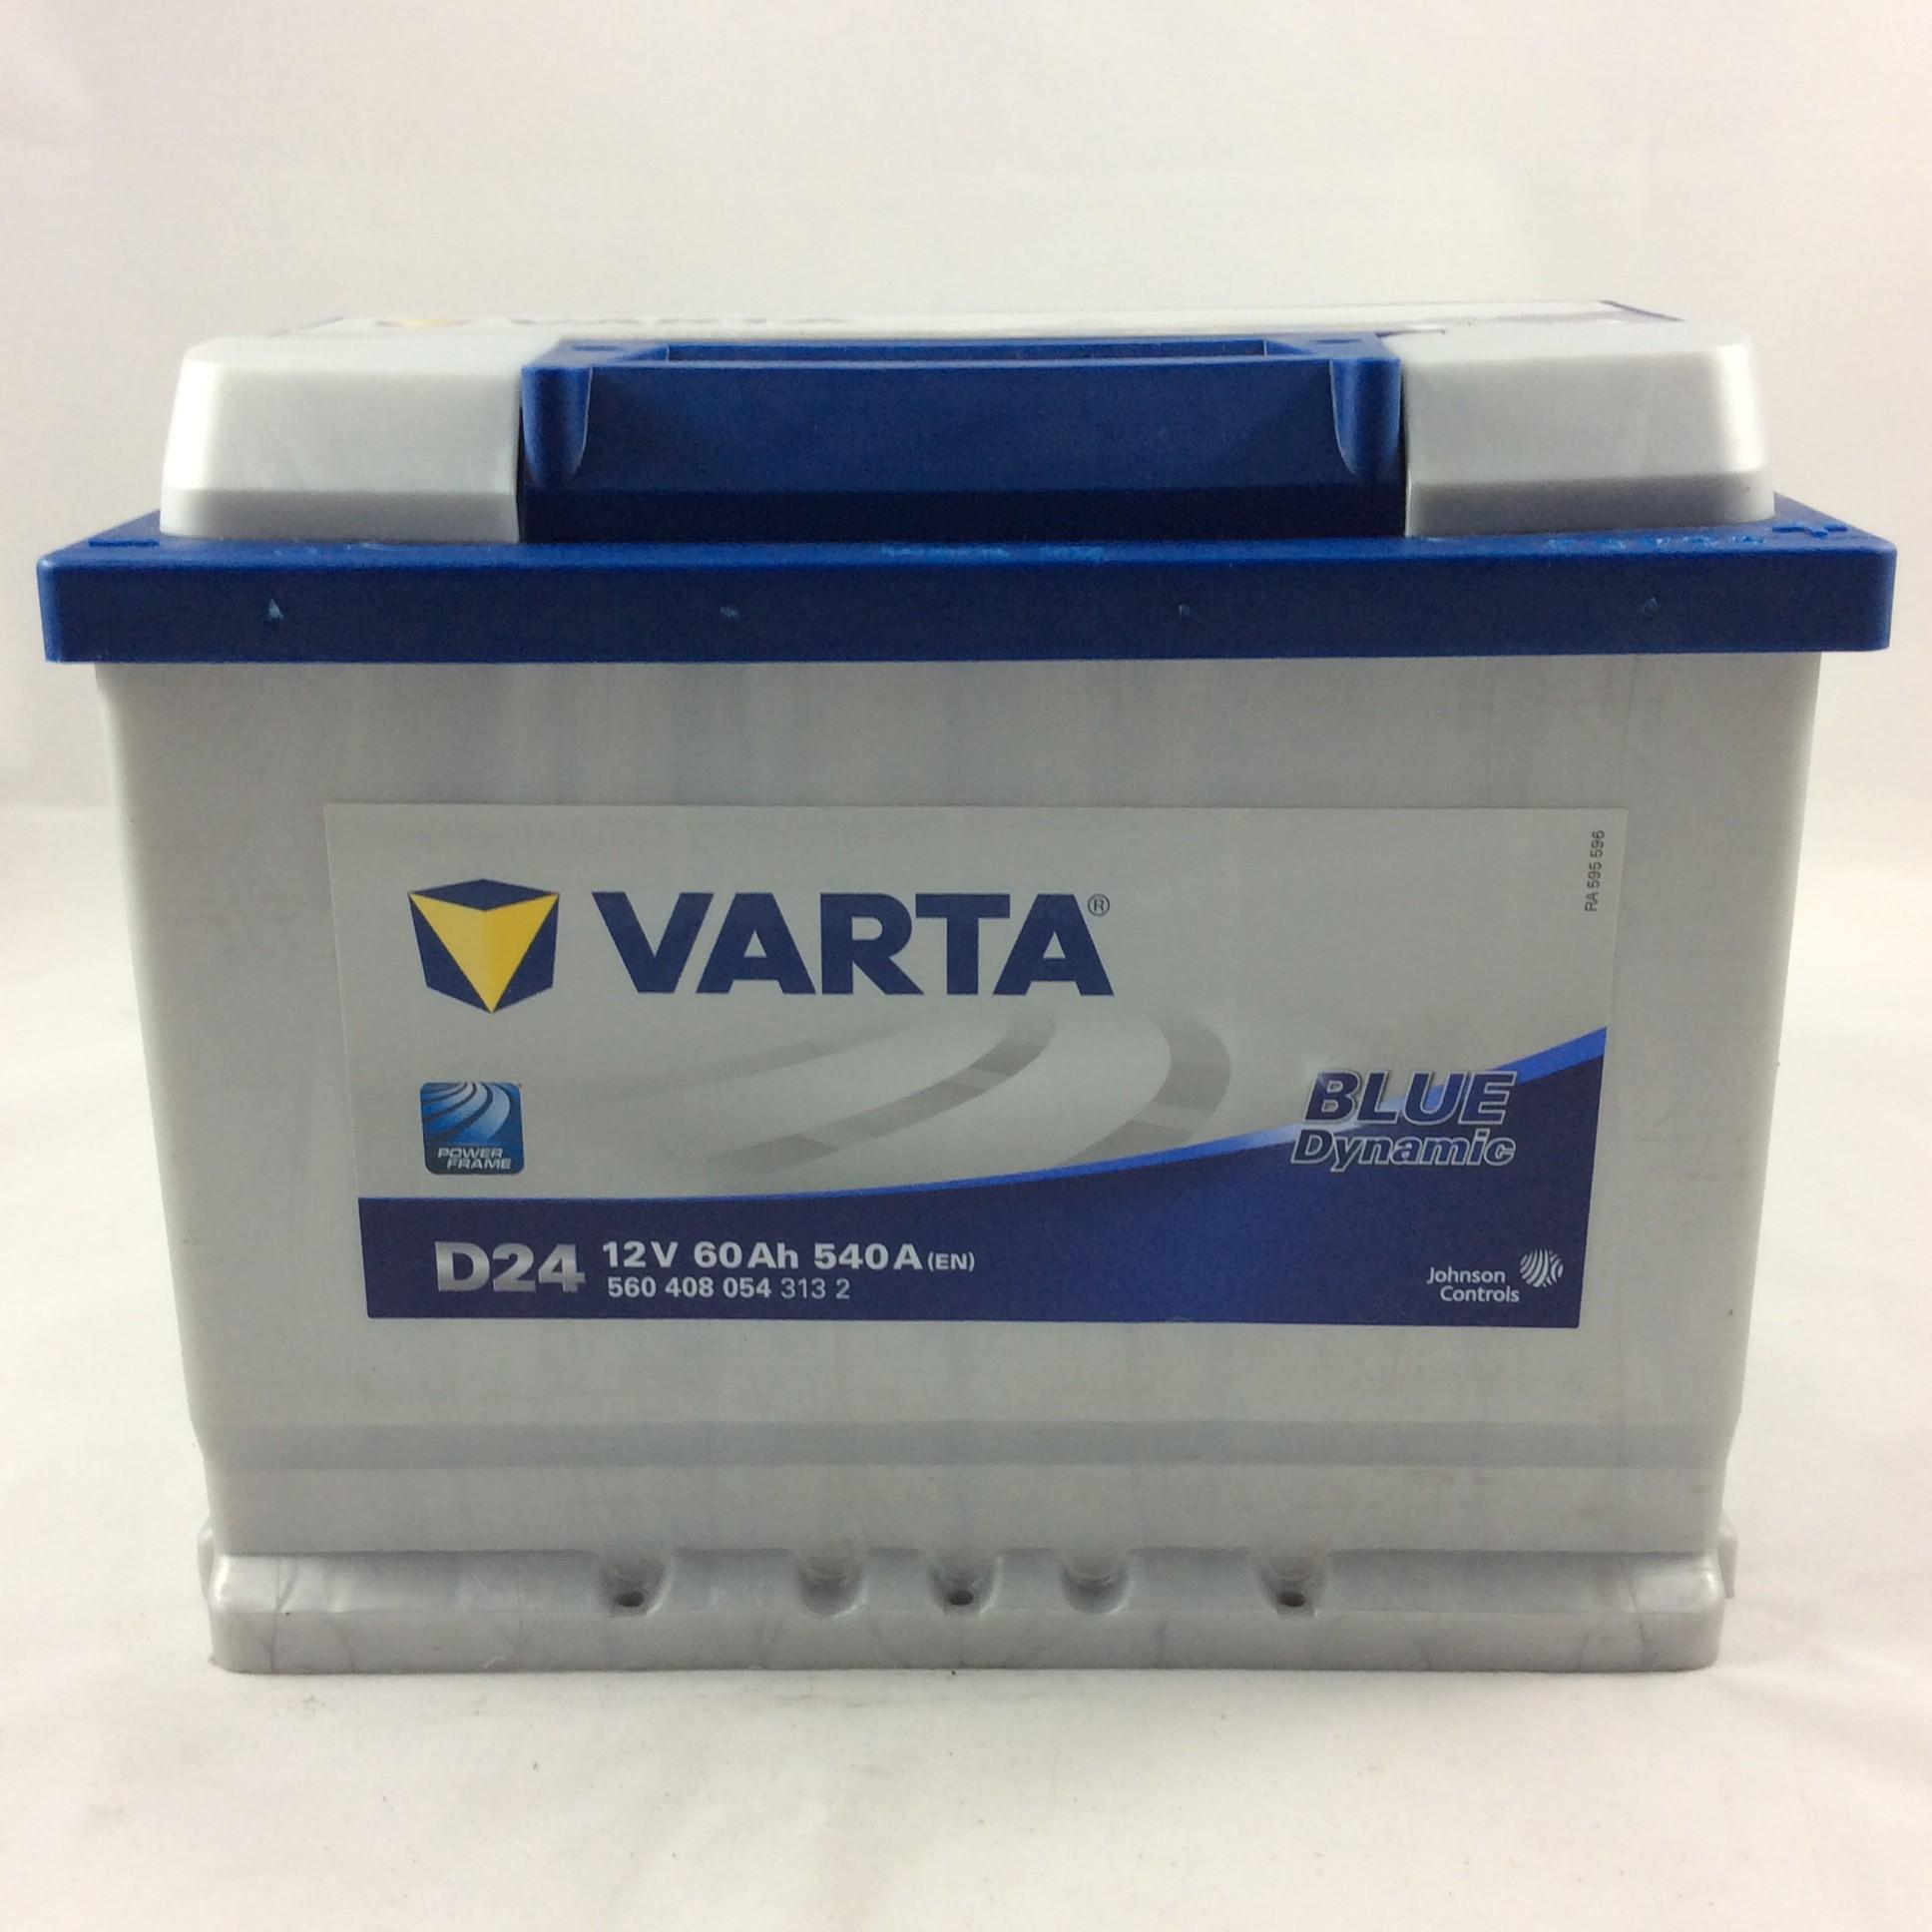 BATTERIA VARTA 12V 60AH 40A(EN) D24